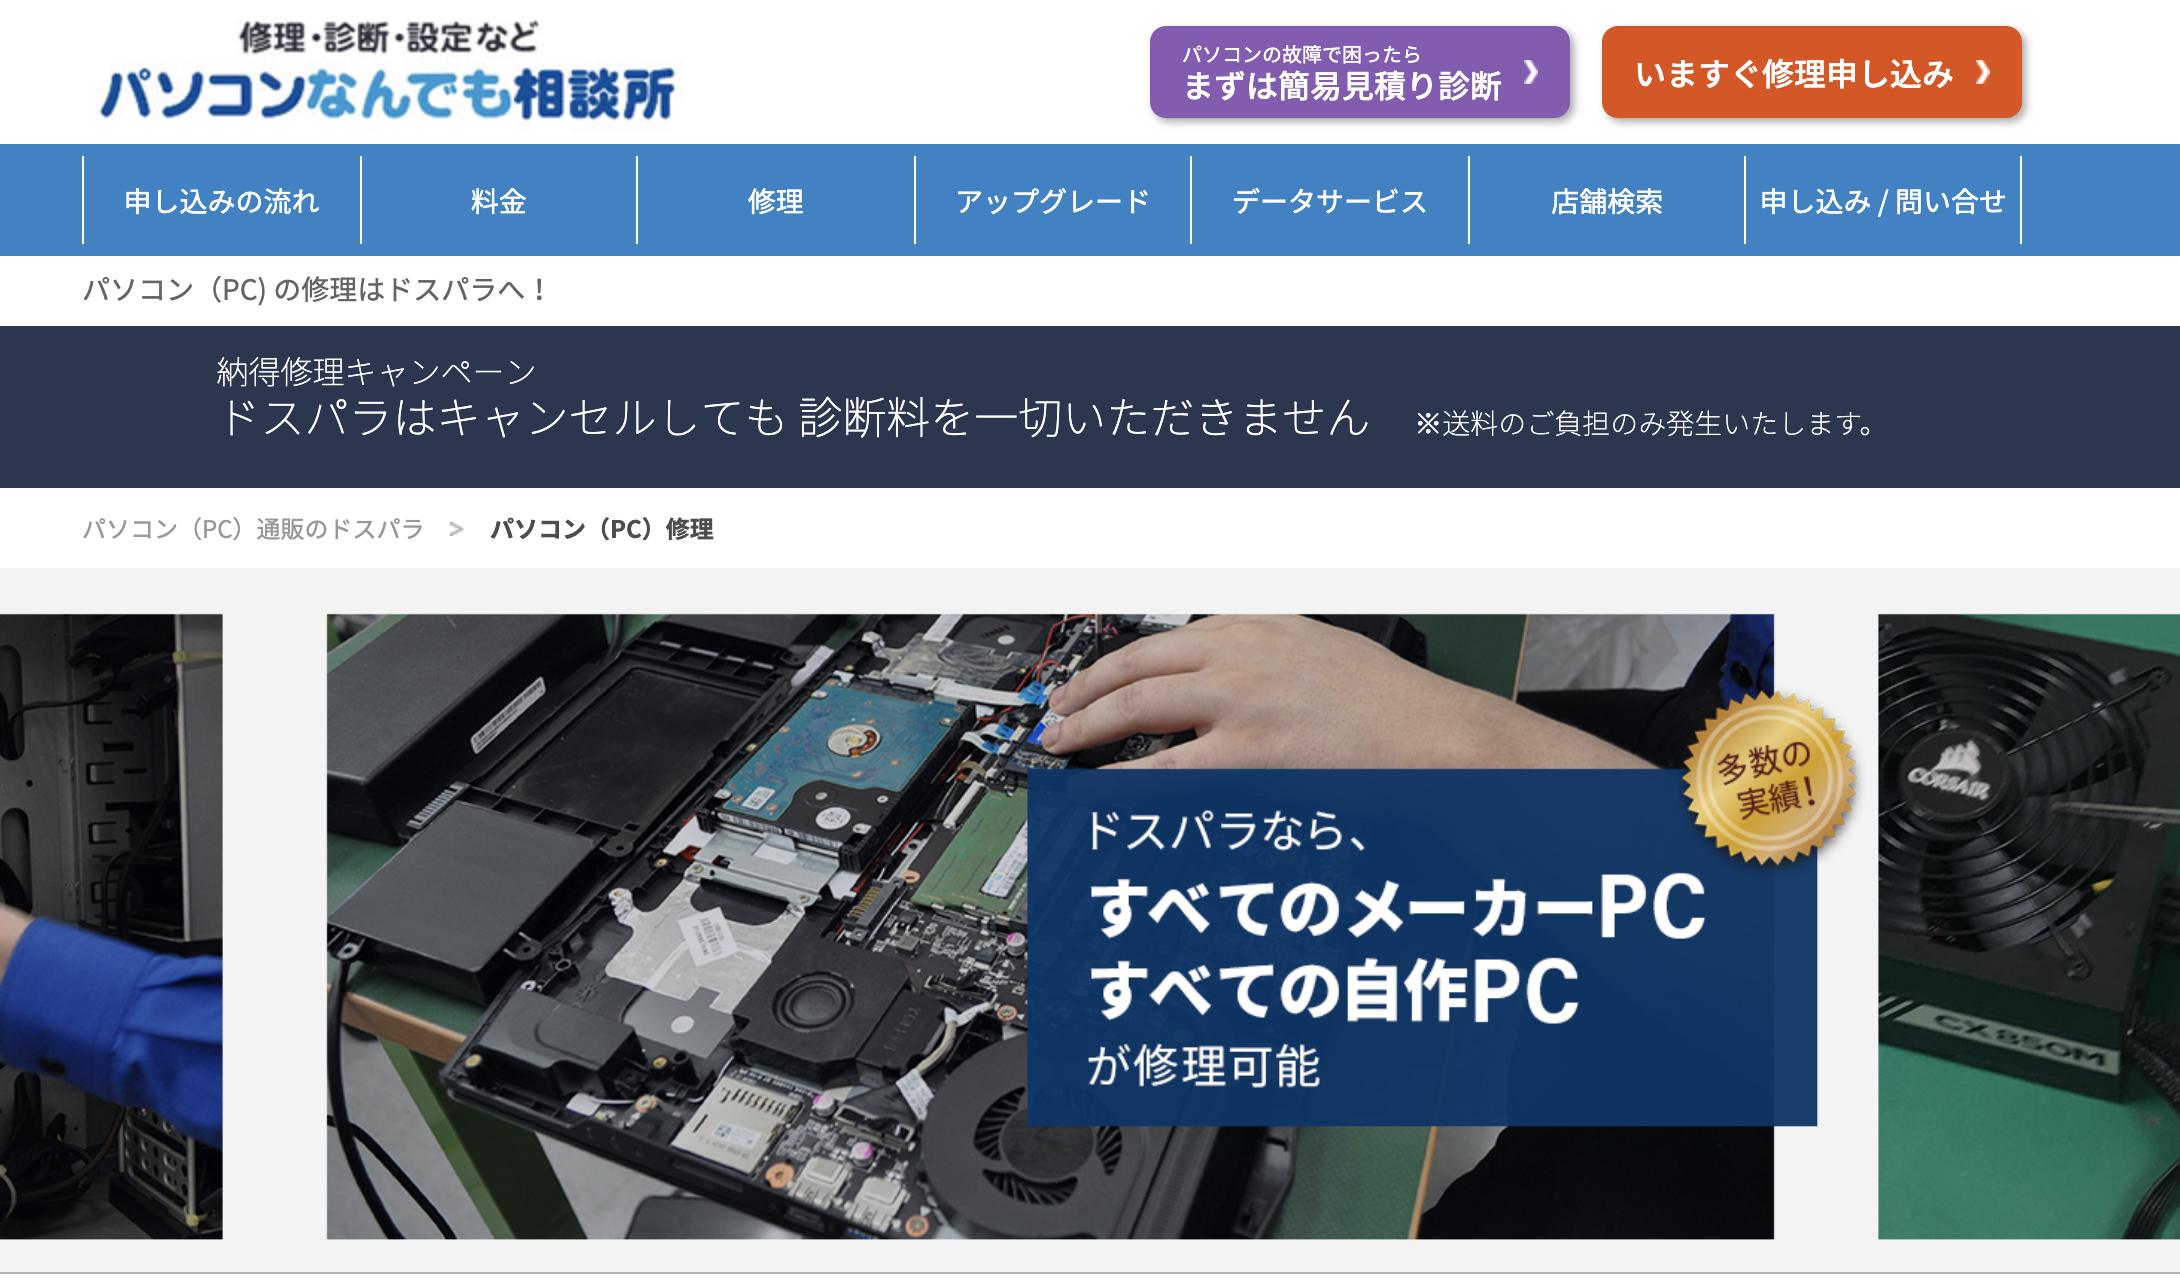 パソコンの即日修理が可能な業者5つ-4